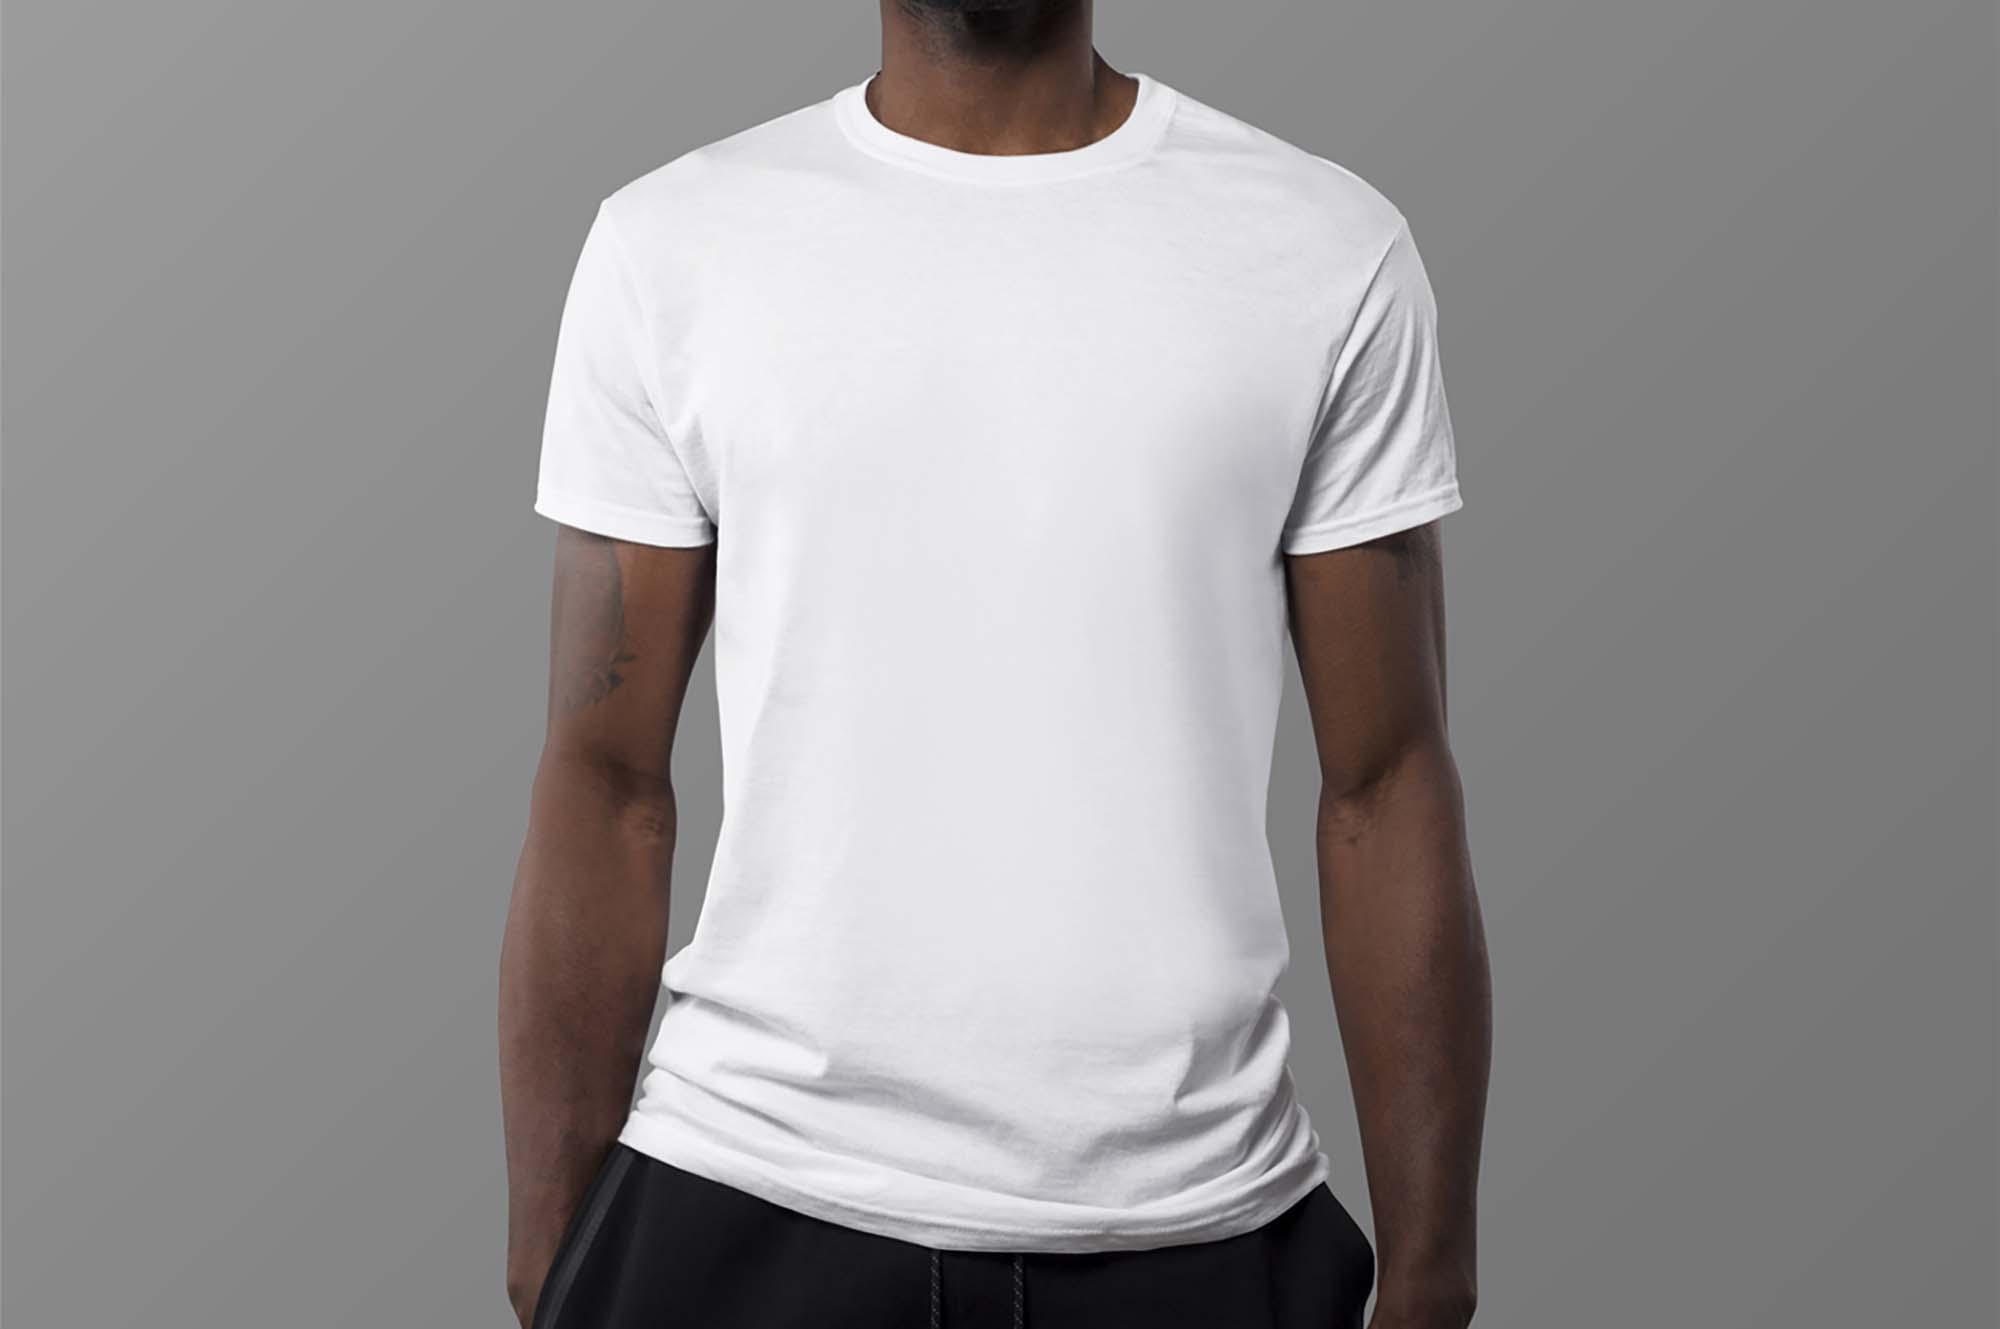 Mockup of Man Wearing White T-Shirt